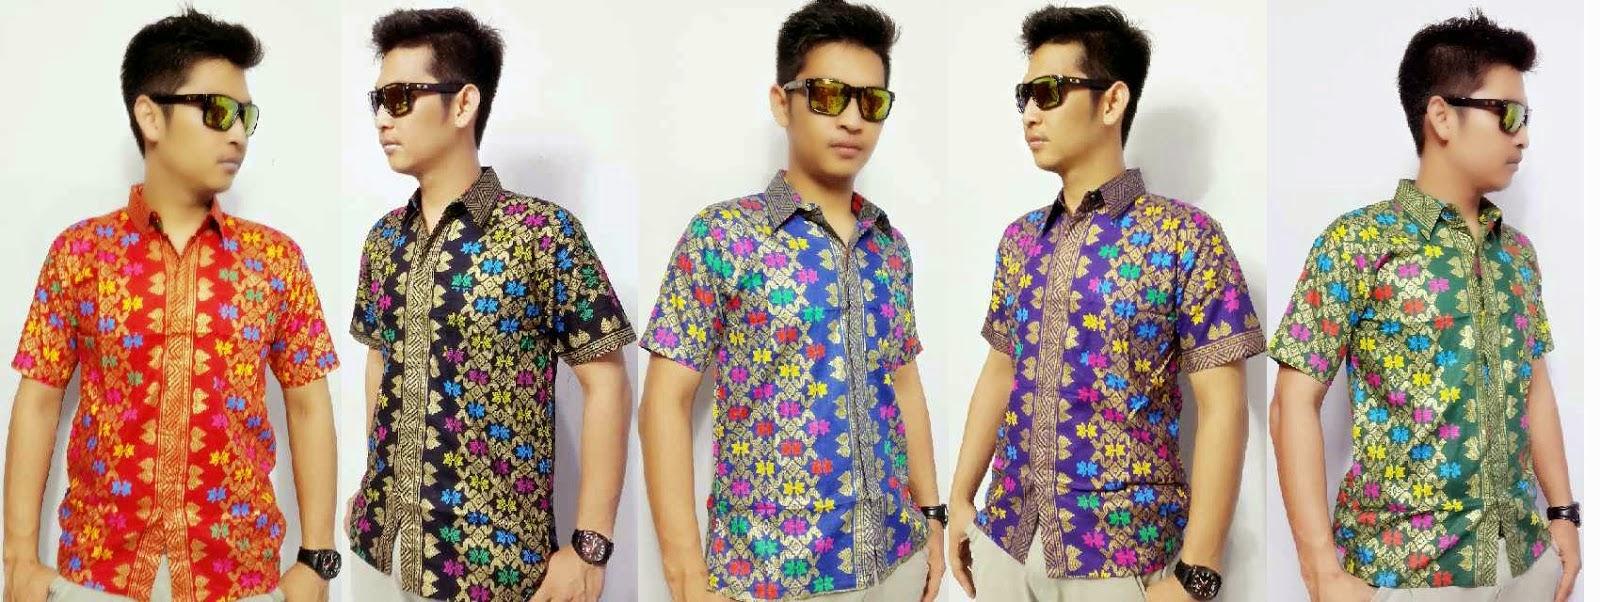 Model baju batik modern tahun ini - Model Baju Batik Modern Tahun Ini 12